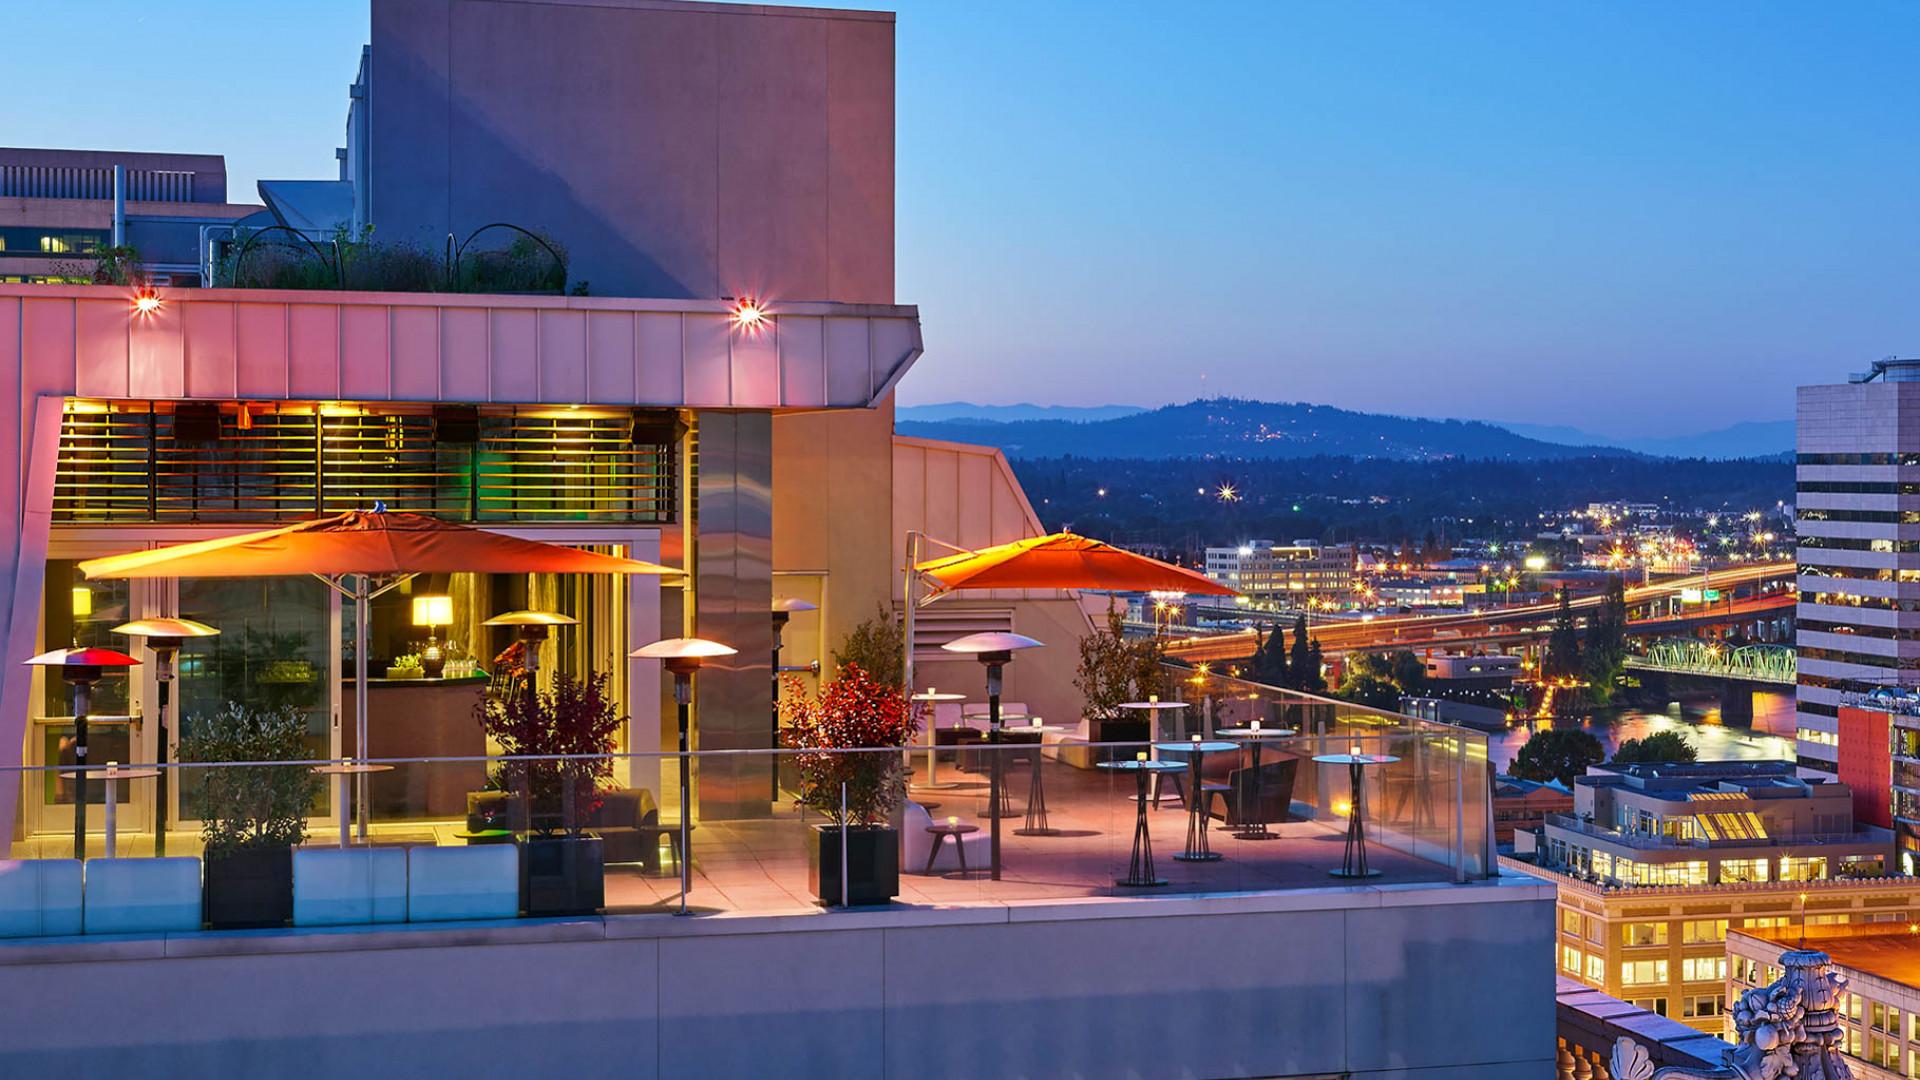 Departure restaurant's rooftop terrace in Portland, Oregon